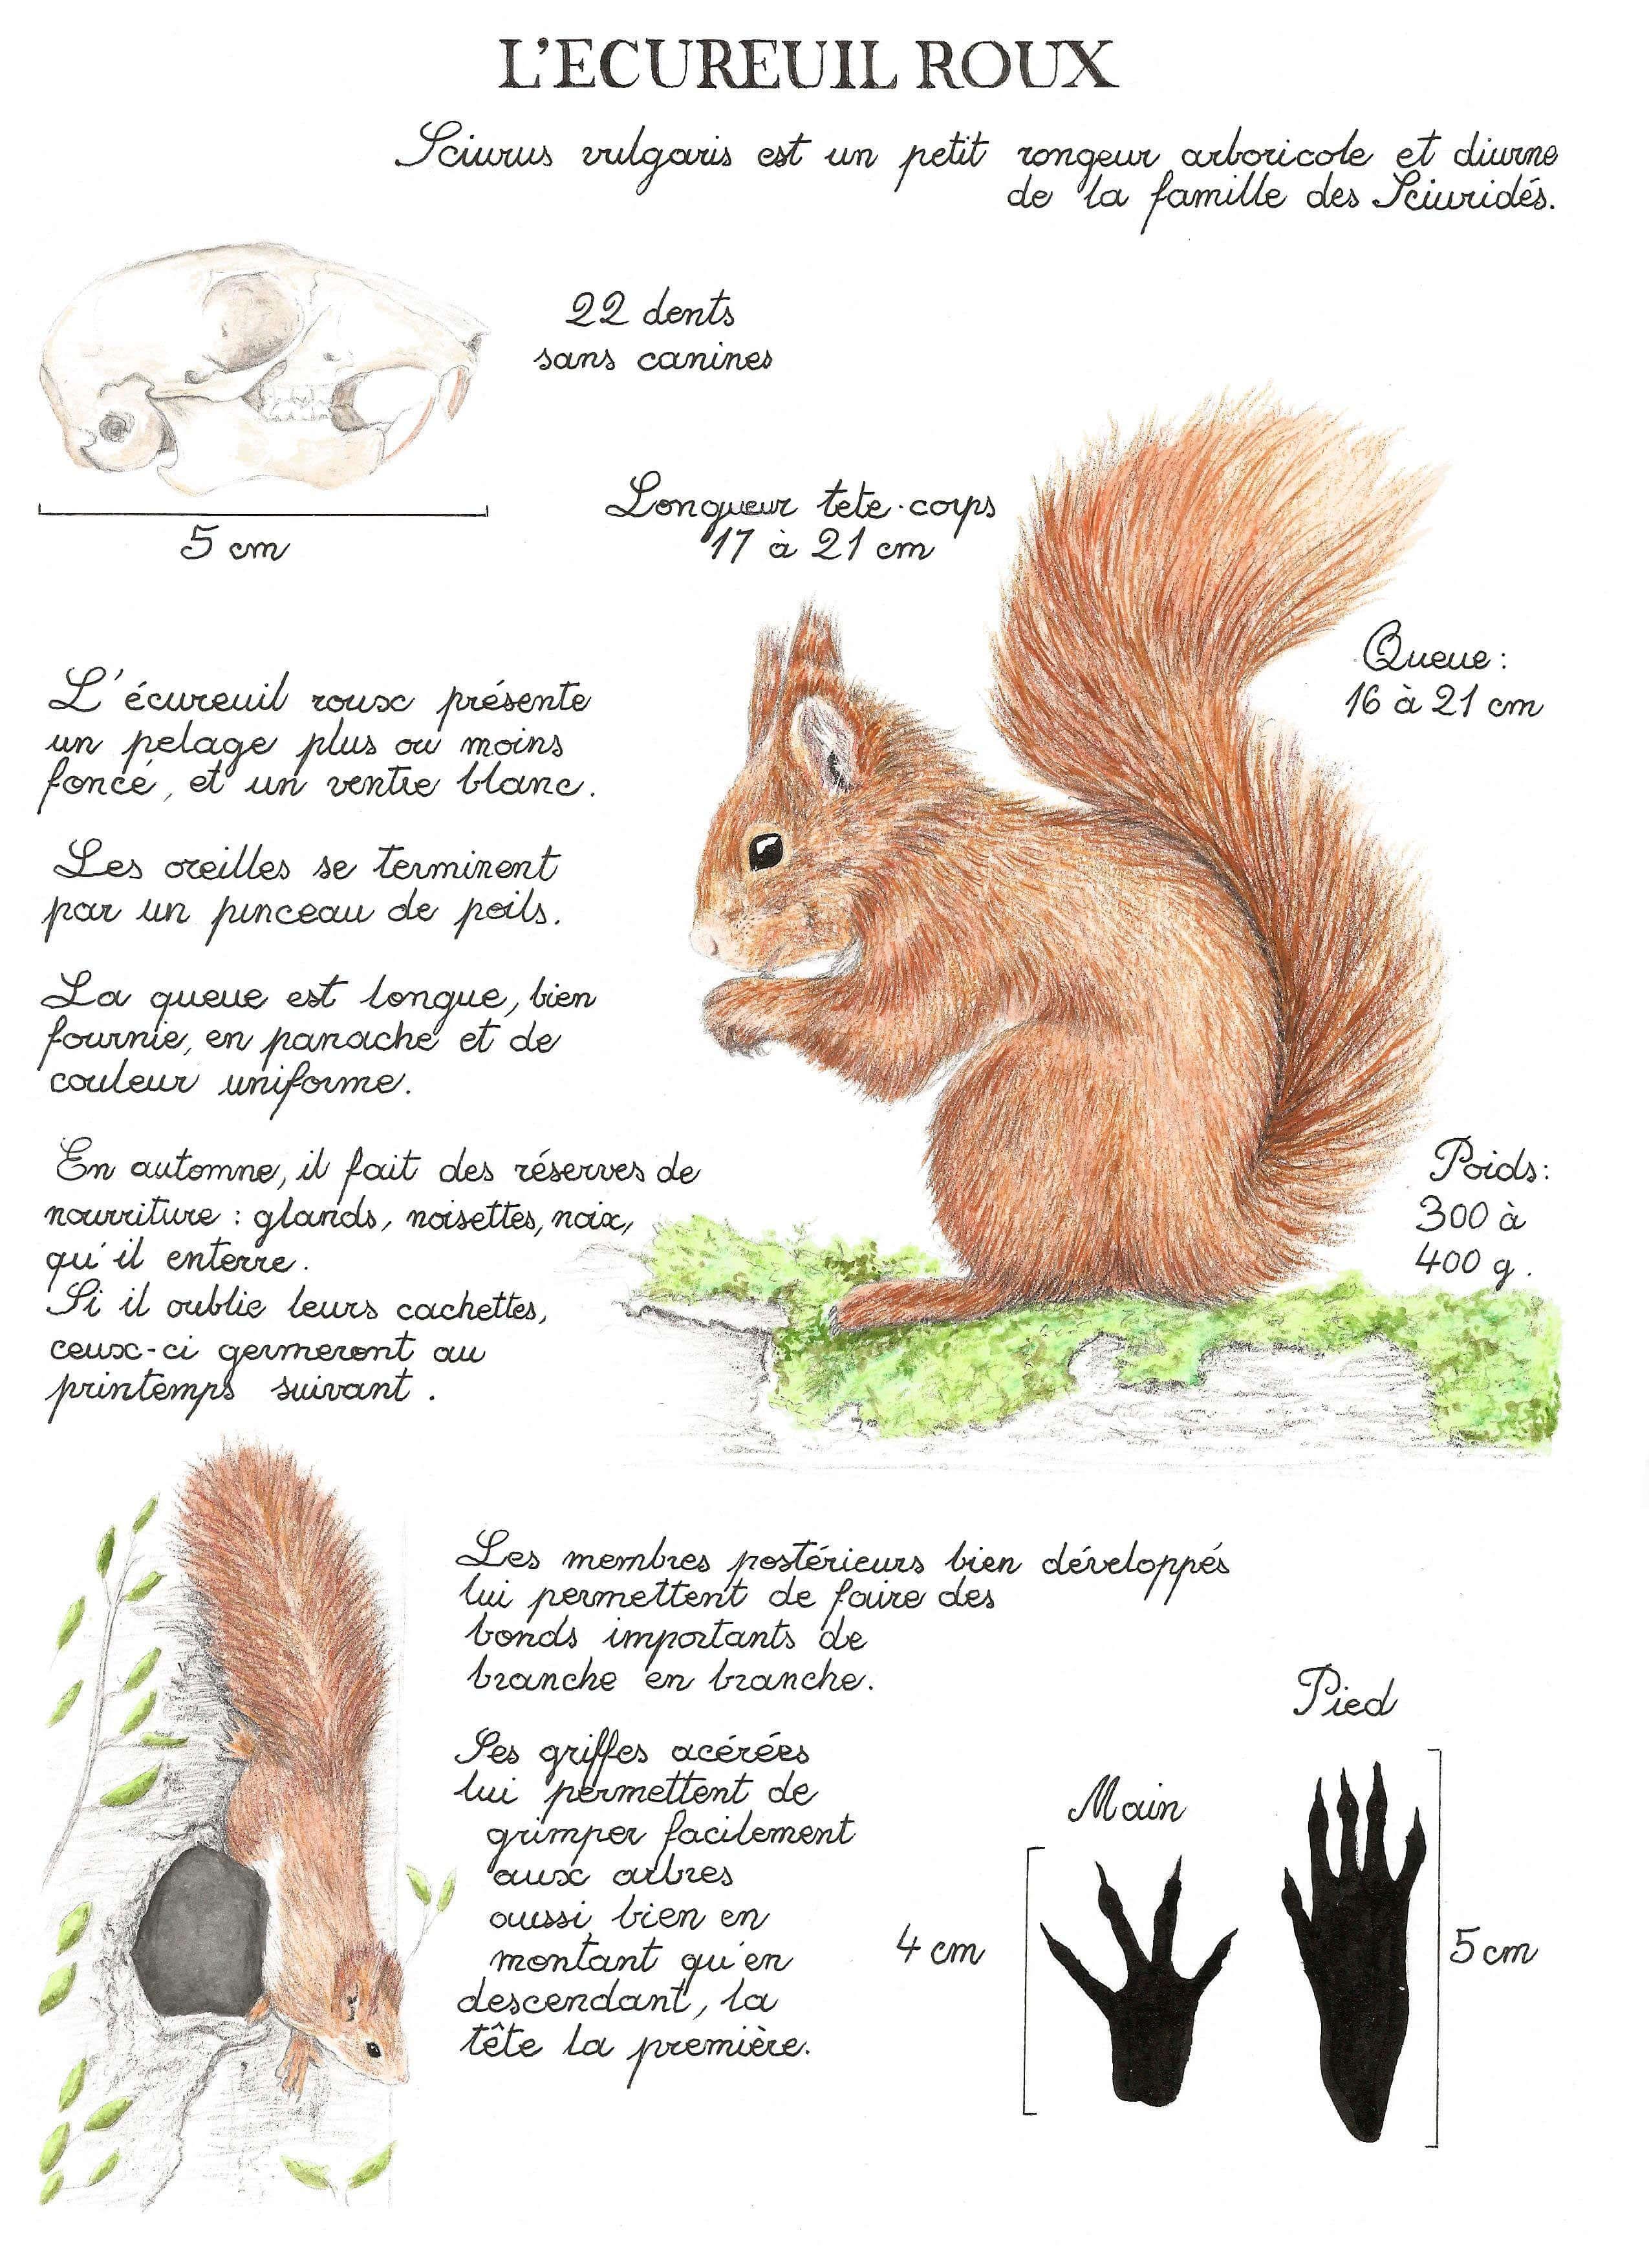 Planche Naturaliste écureuil Roux Alicia Penicaud